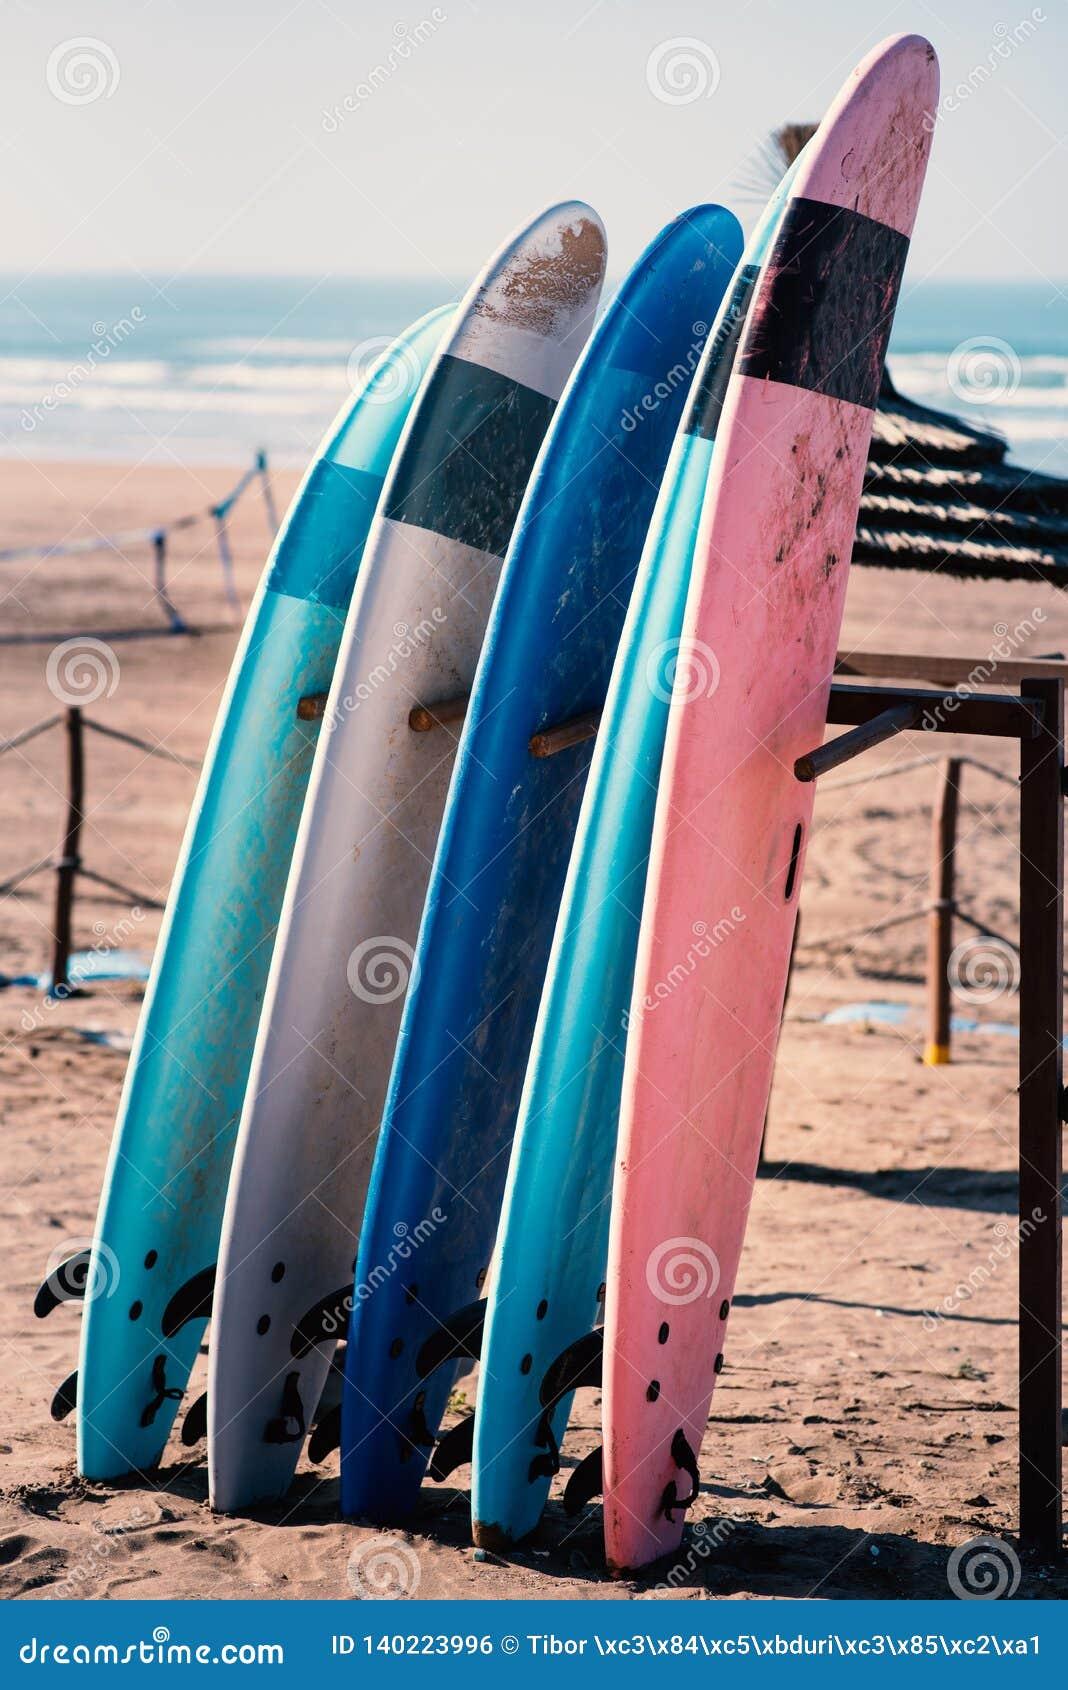 Różni kolory kipiel na piaskowata plaża w Casablanca, Maroko - Piękny widok na piaskowatej plaży i oceanie Kipieli deski dla pono